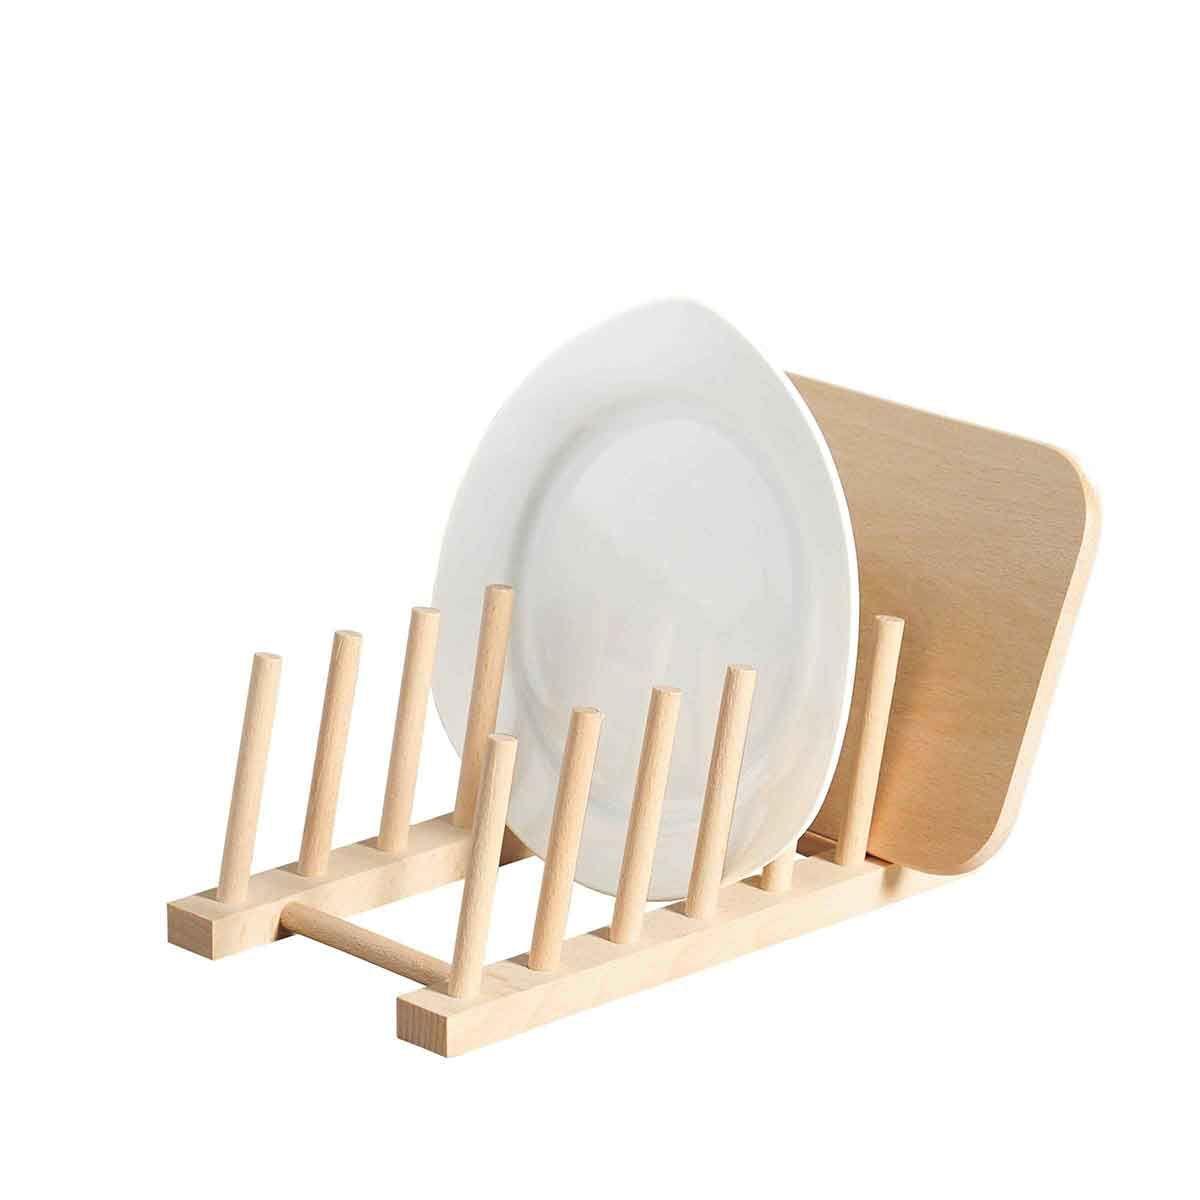 Range Couvercles En Bois Rangement Cuisine Couvercle Et Ranger # Rangements Assietes Modernes